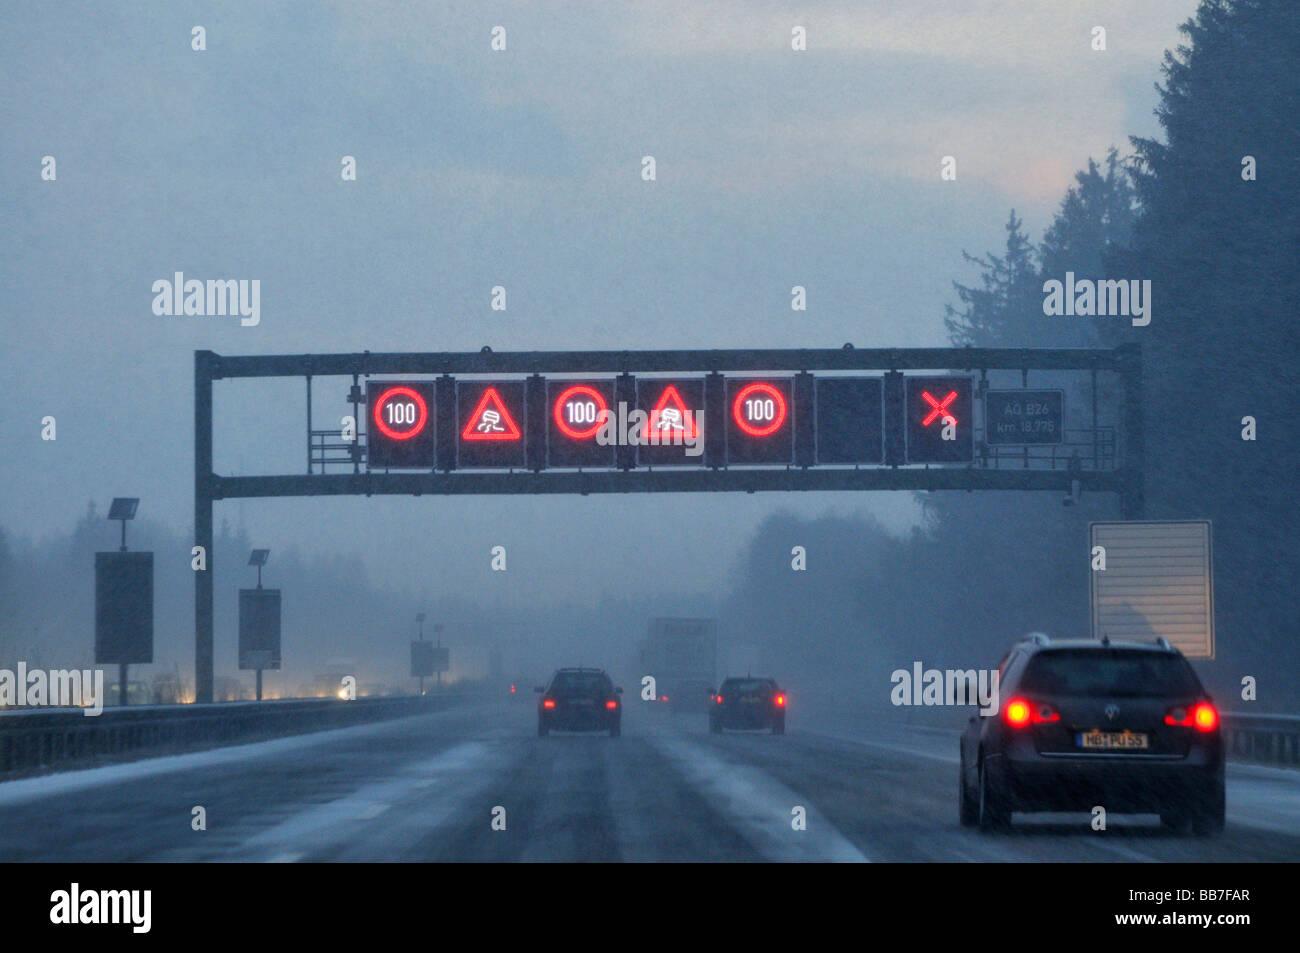 Autopista concurrida de conducción en nieve, Baviera, Alemania, Europa Foto de stock